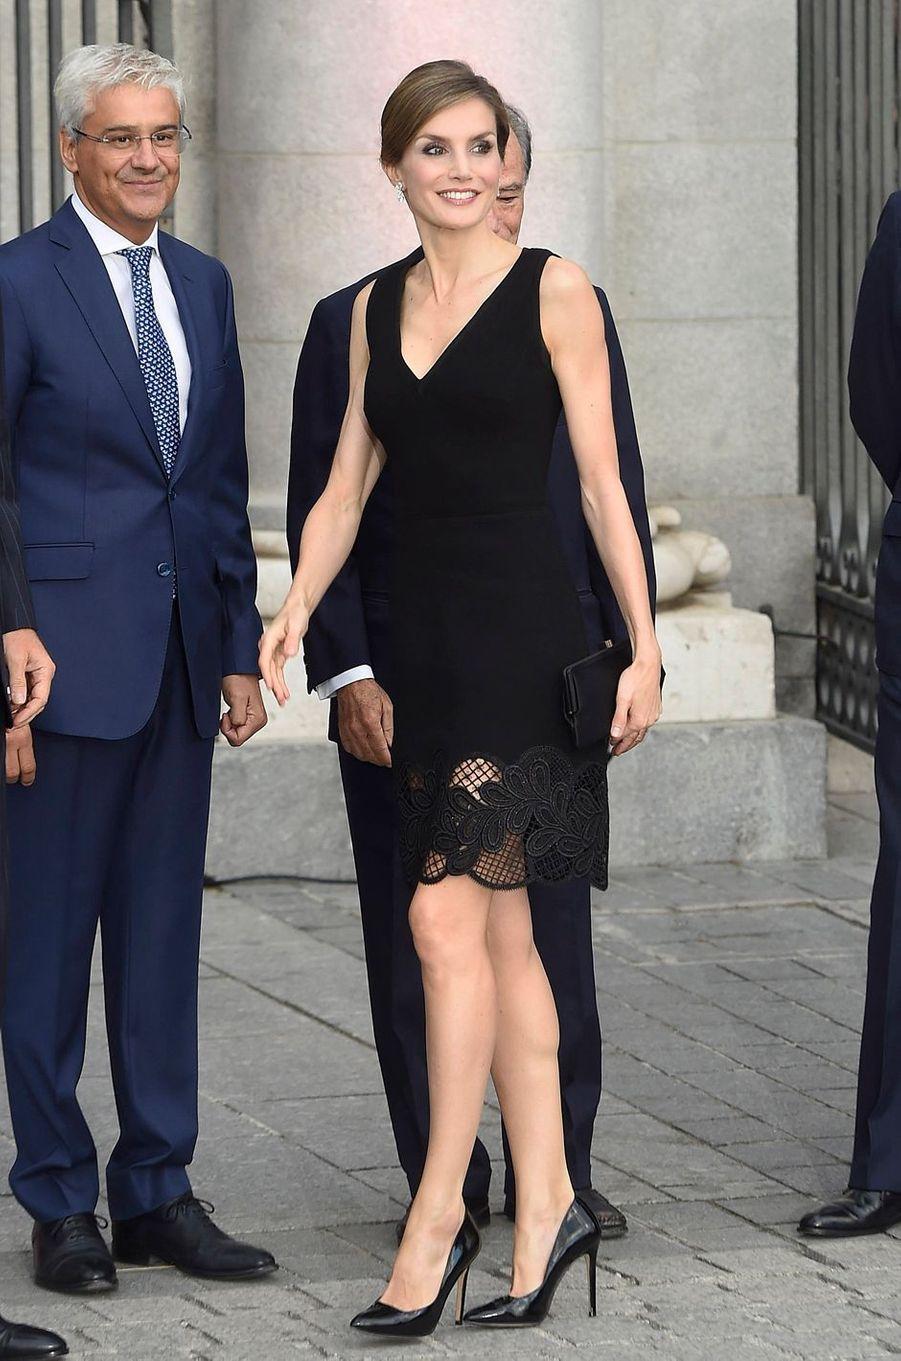 Ce jeudi 15 septembre, jour de son 44e anniversaire, la reine Letizia d'Espagne est apparue radieuse au Théâtre royal à Madrid, au bras de Felipe VI.